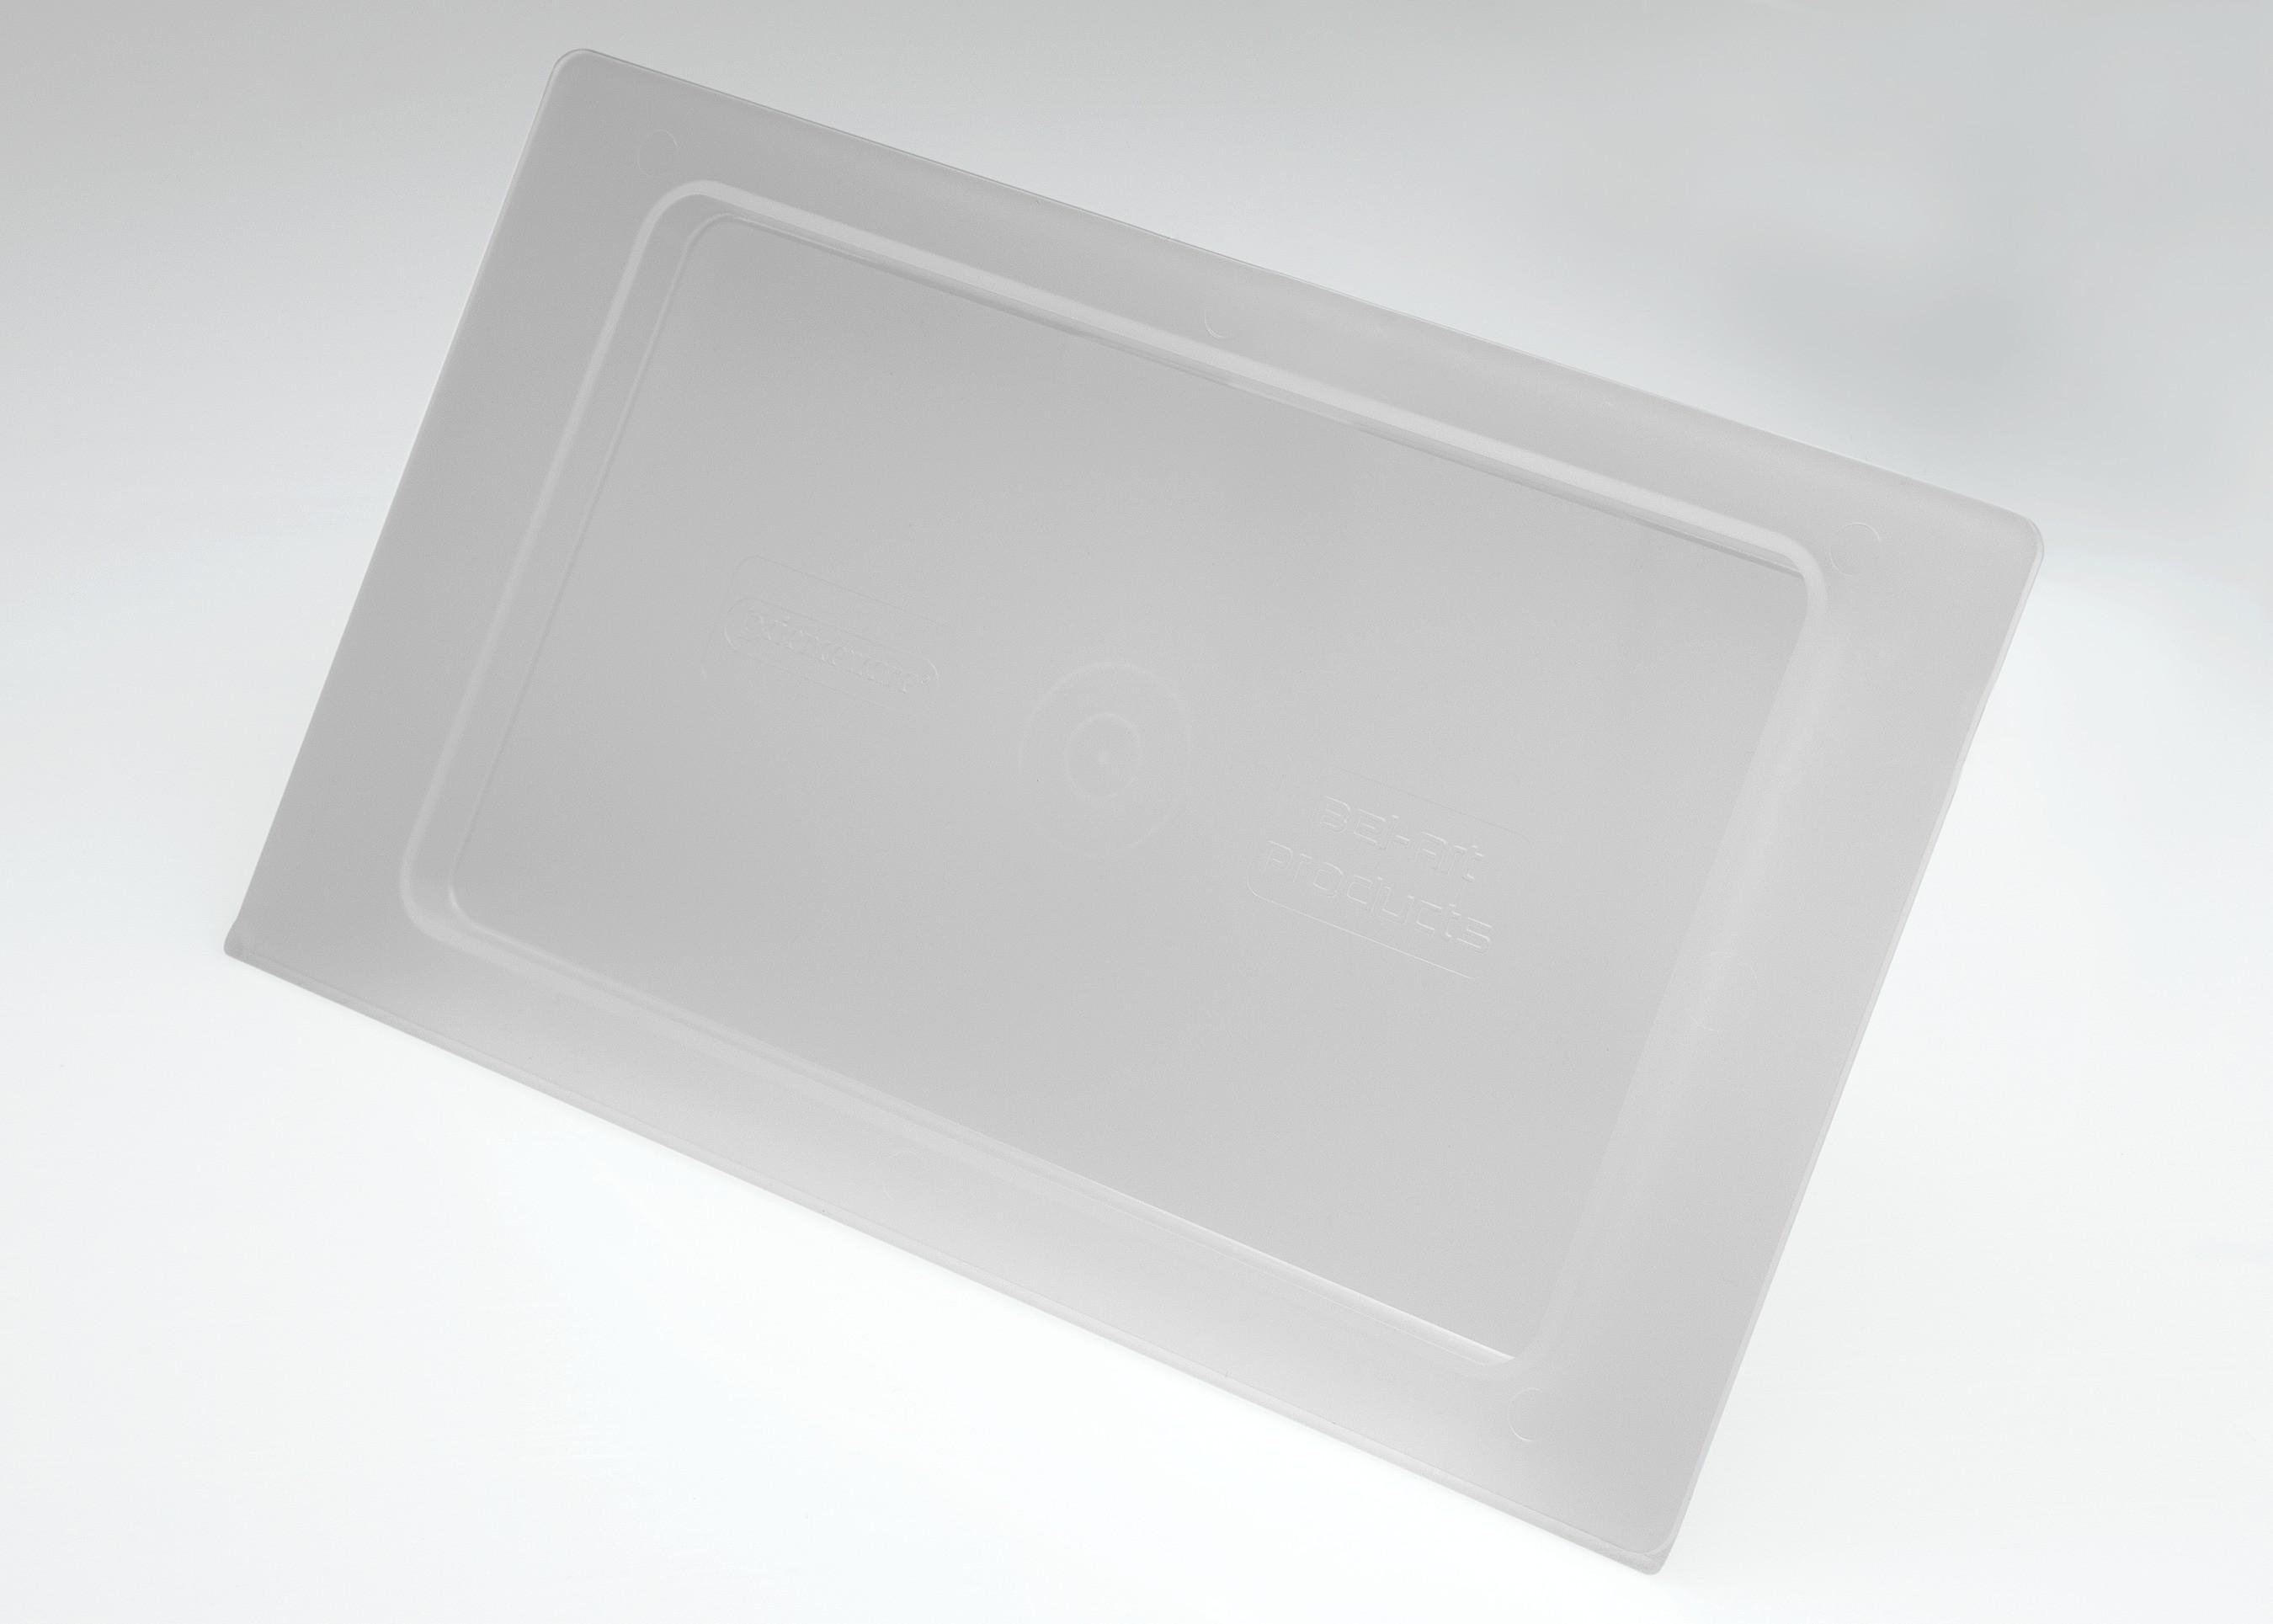 SP Bel-Art Lid for SP Bel-Art Microcentrifuge Tube Ice Rack/Tray F18905-0001